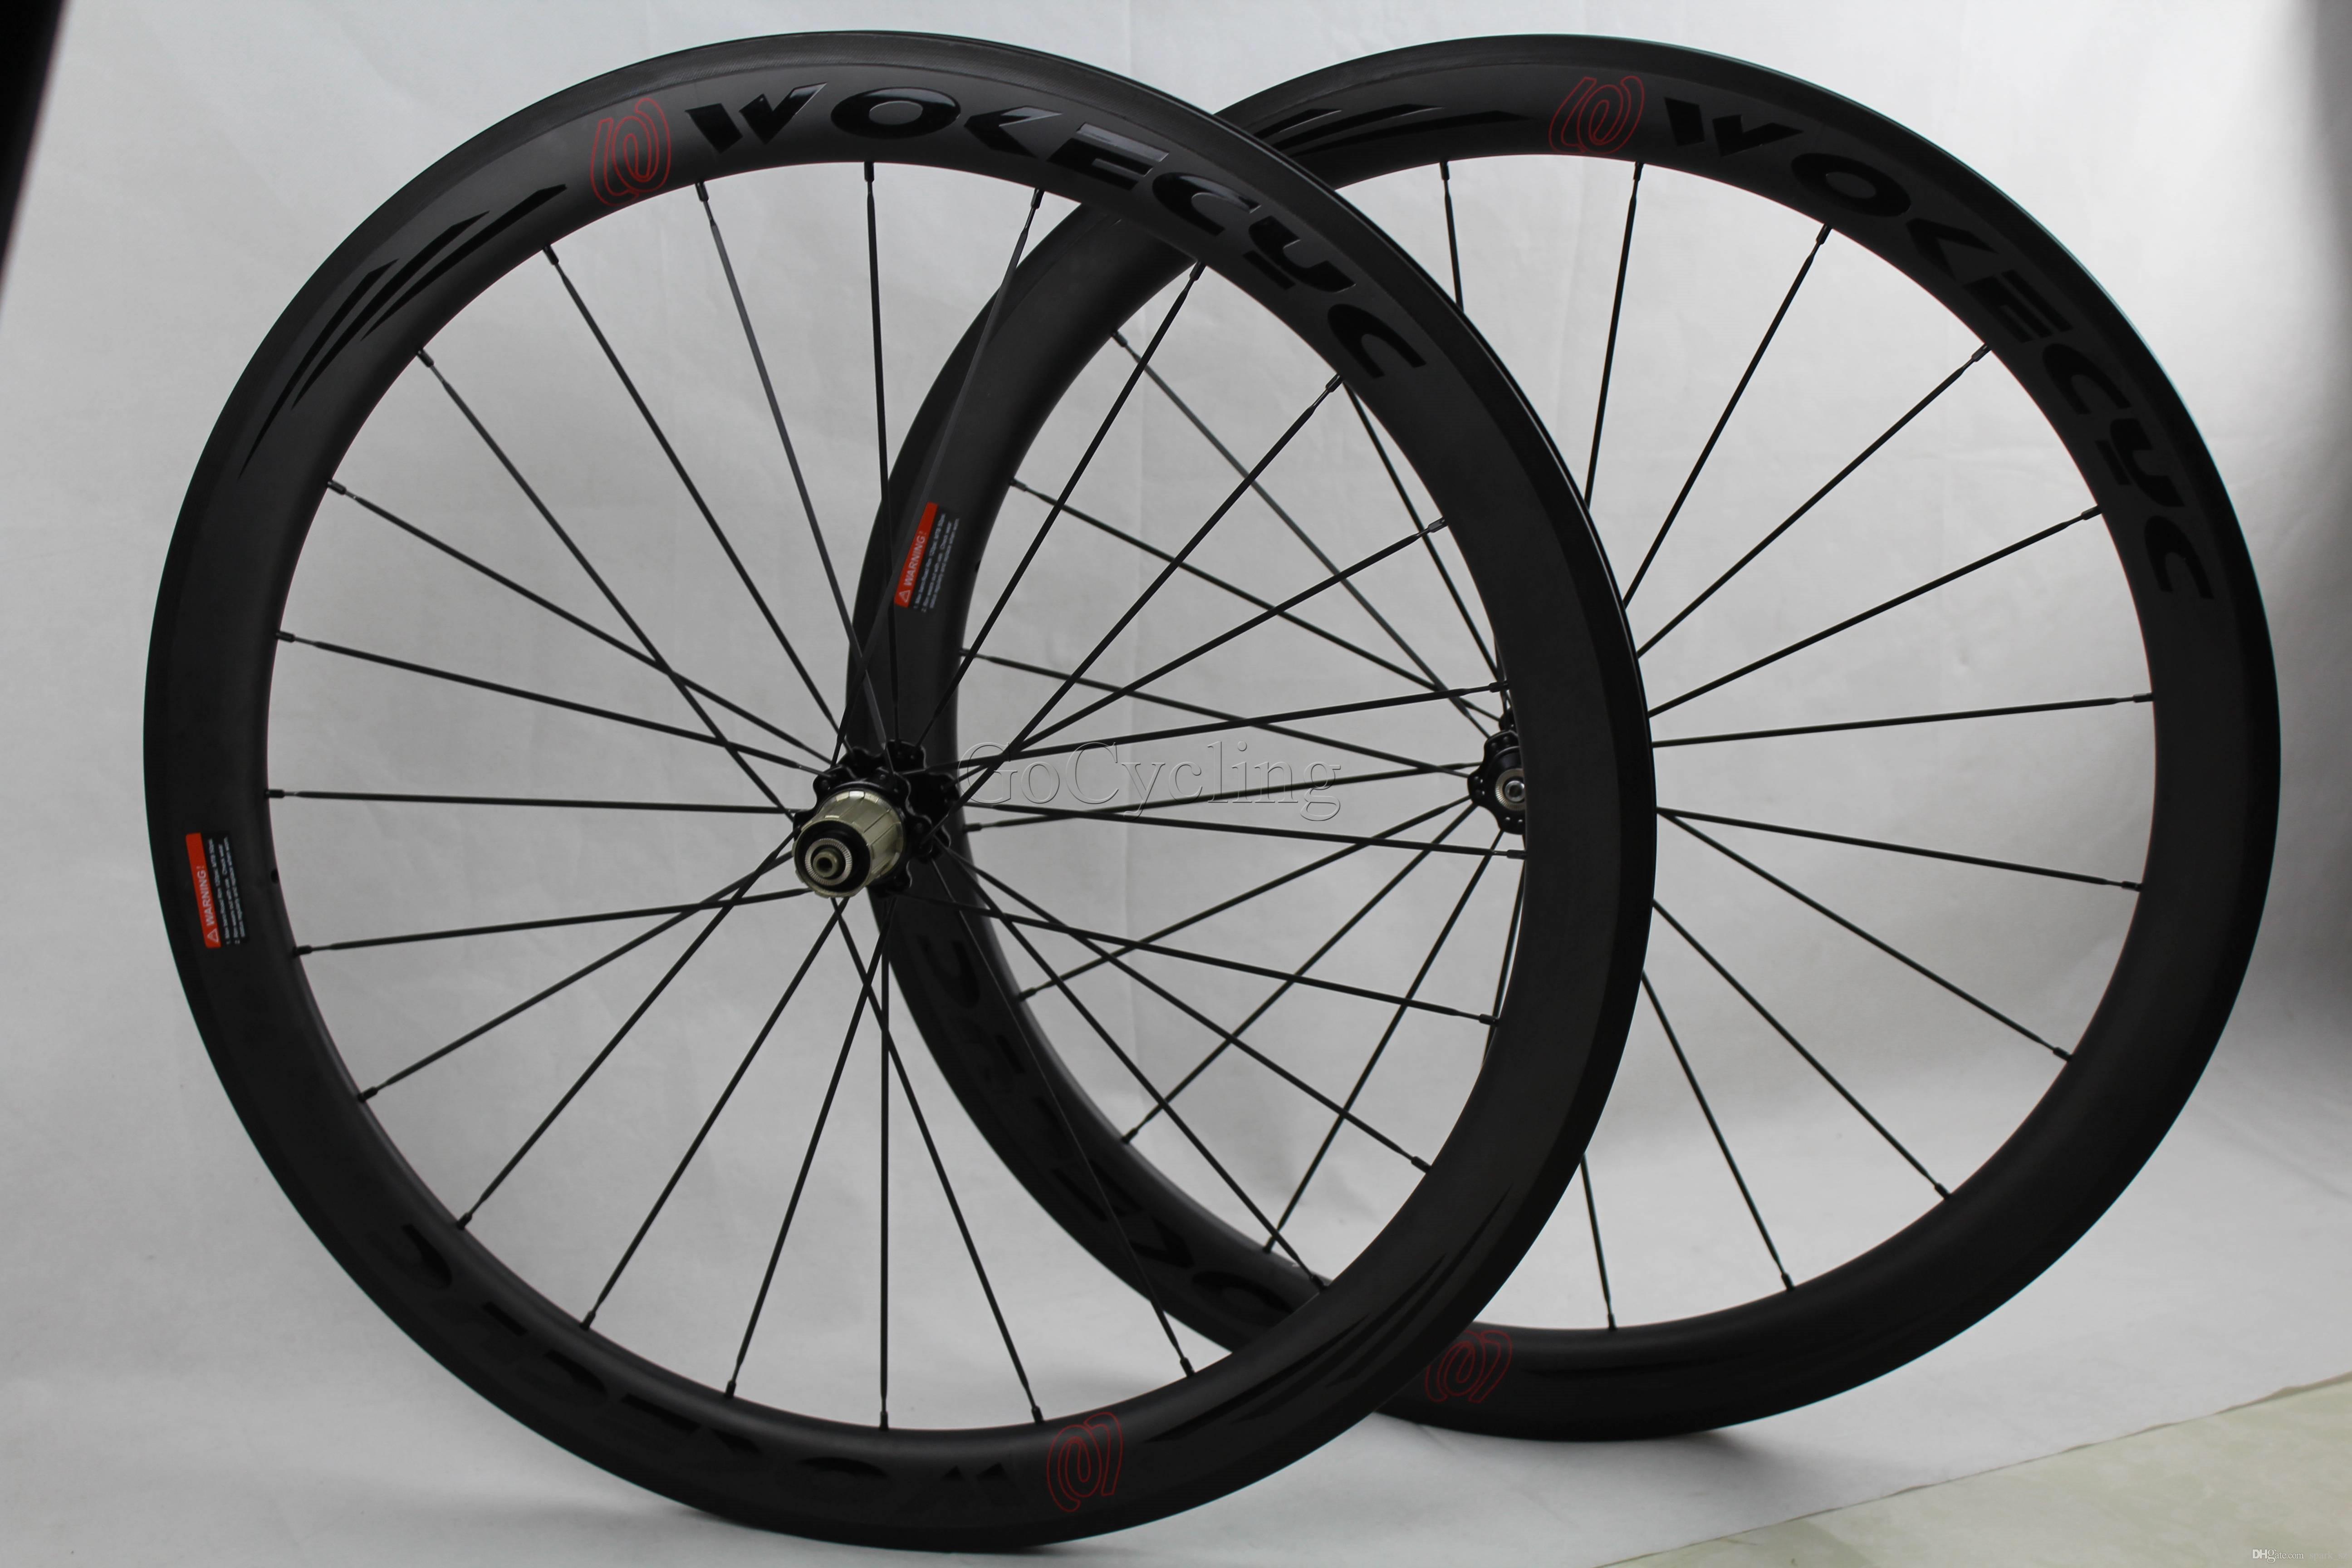 탄소 섬유 자전거 바퀴 50mm 탄소 허브 R36 현무암 브레이크 서프 깊이 50mm 클린 처 튜브 모양의 도로 사이클링 자전거 경주 바퀴 세트 700C